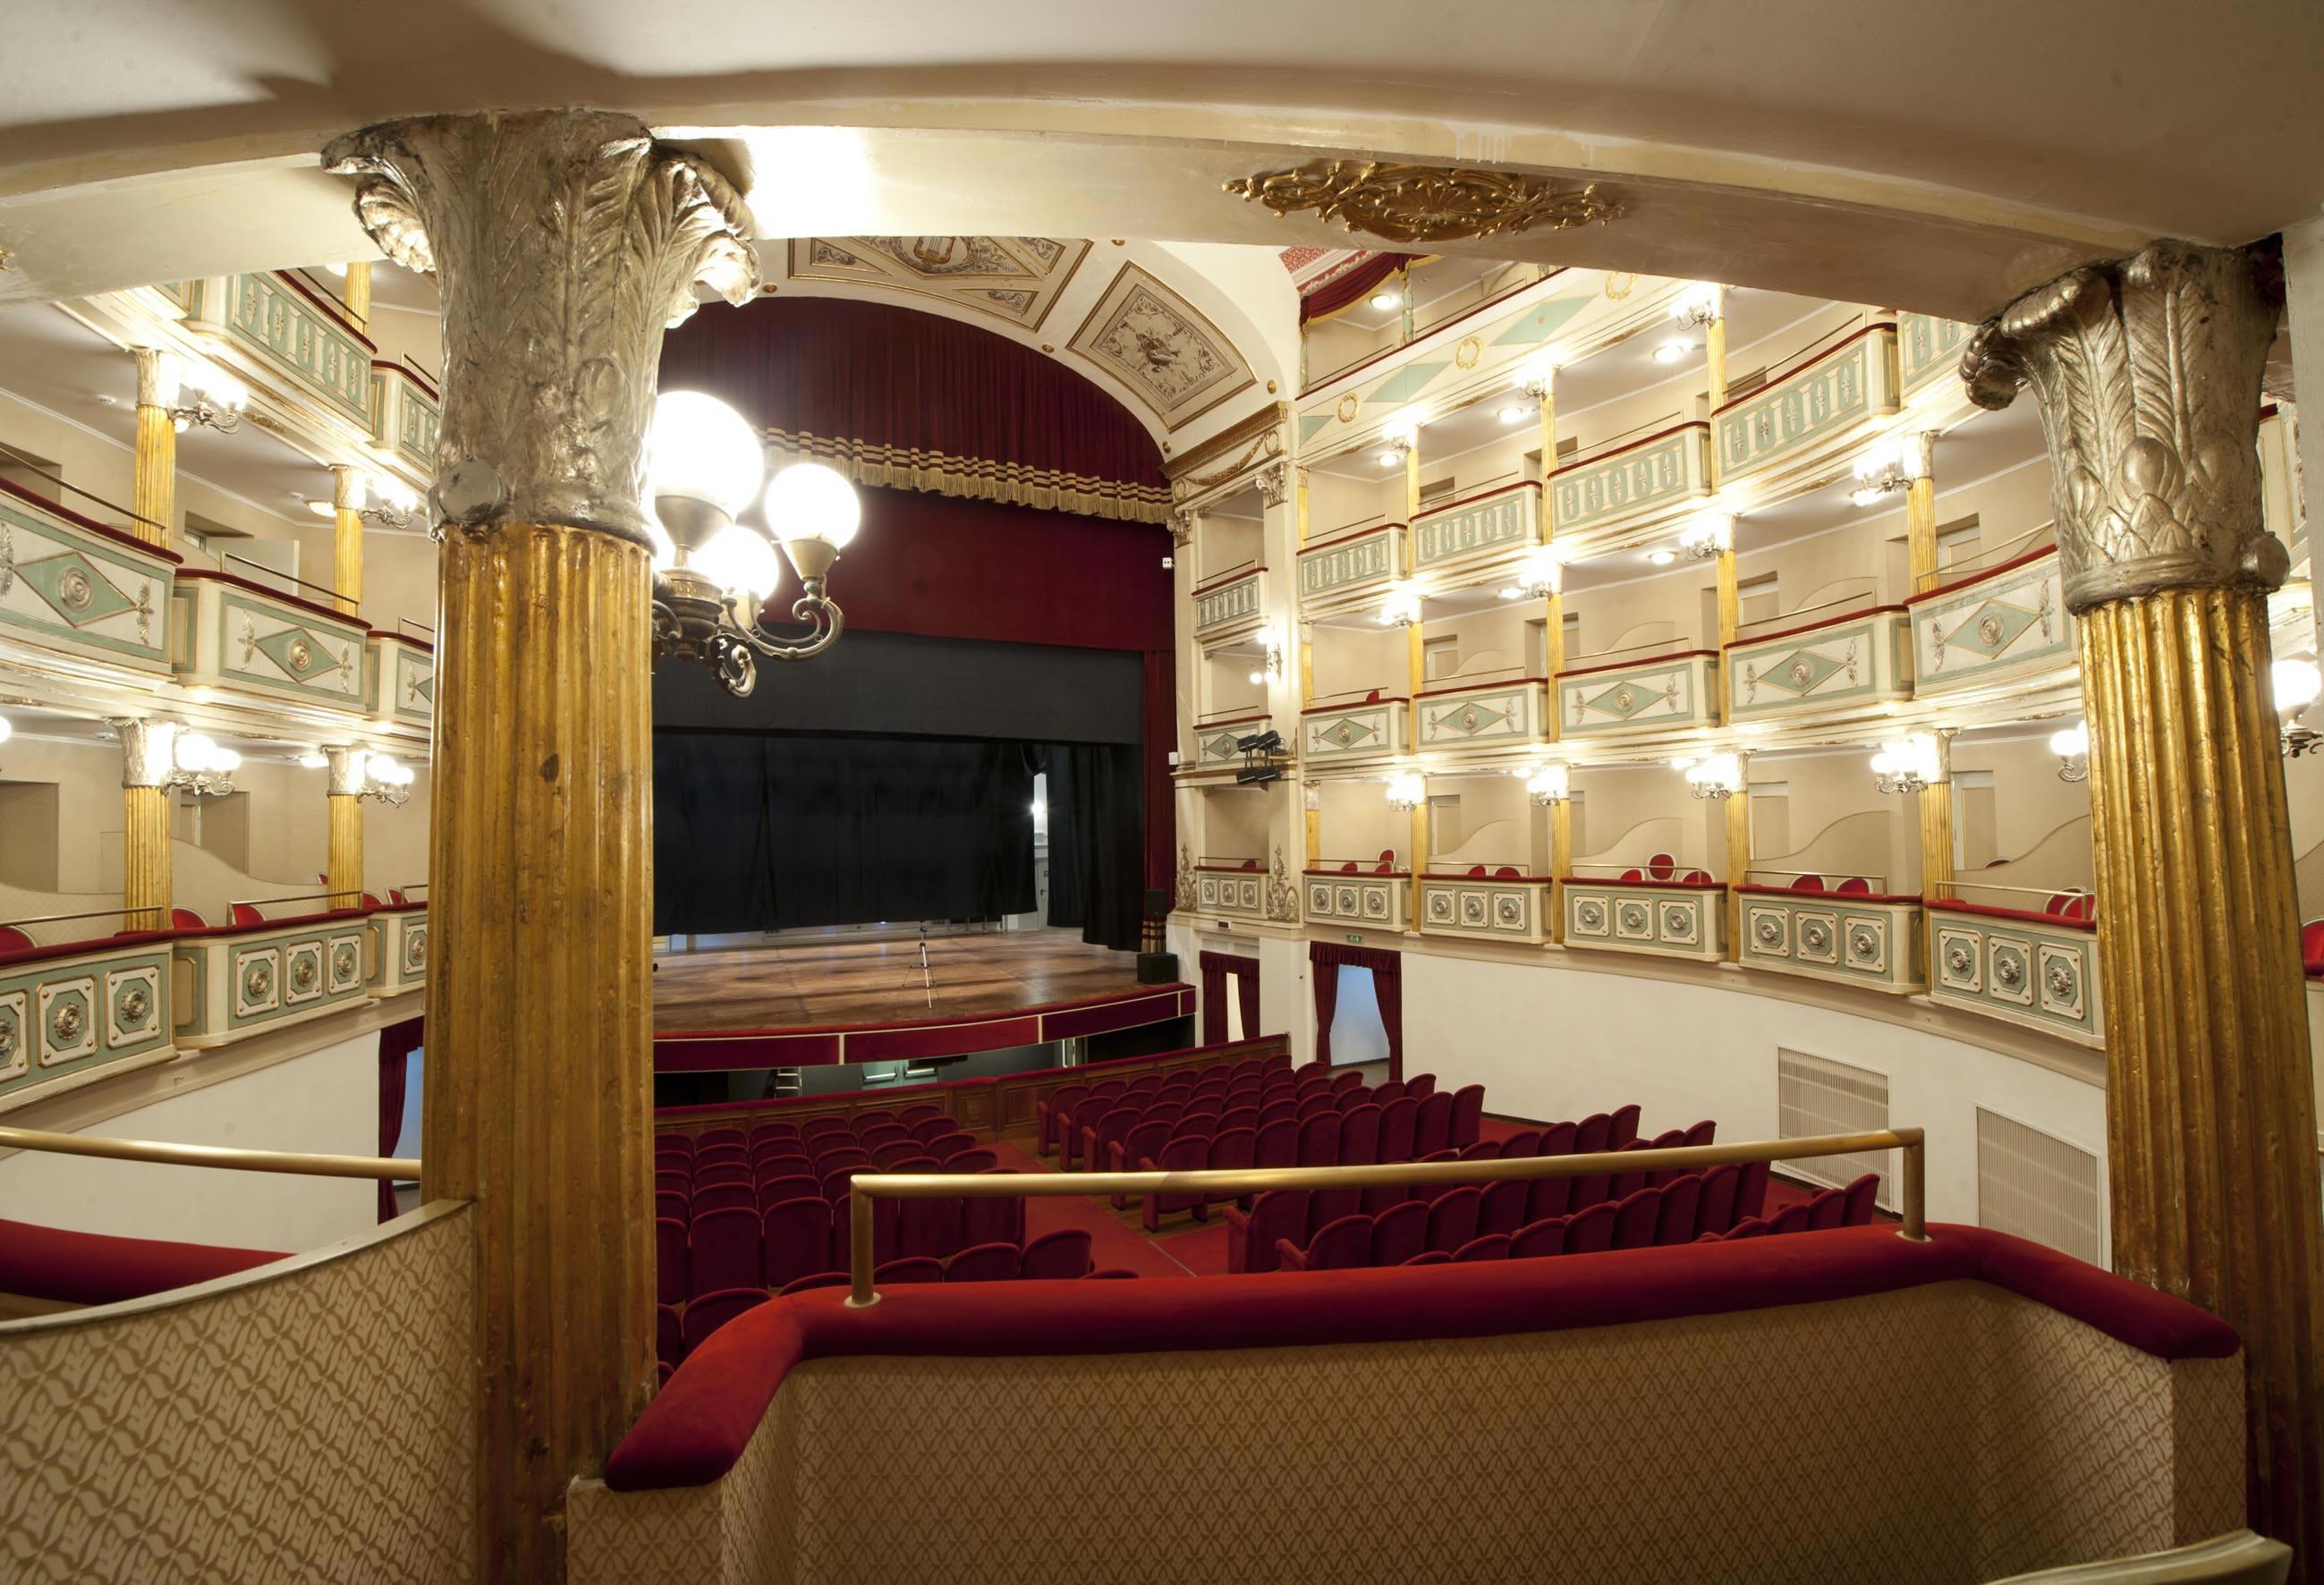 Risultati immagini per Teatro Giordano foggia